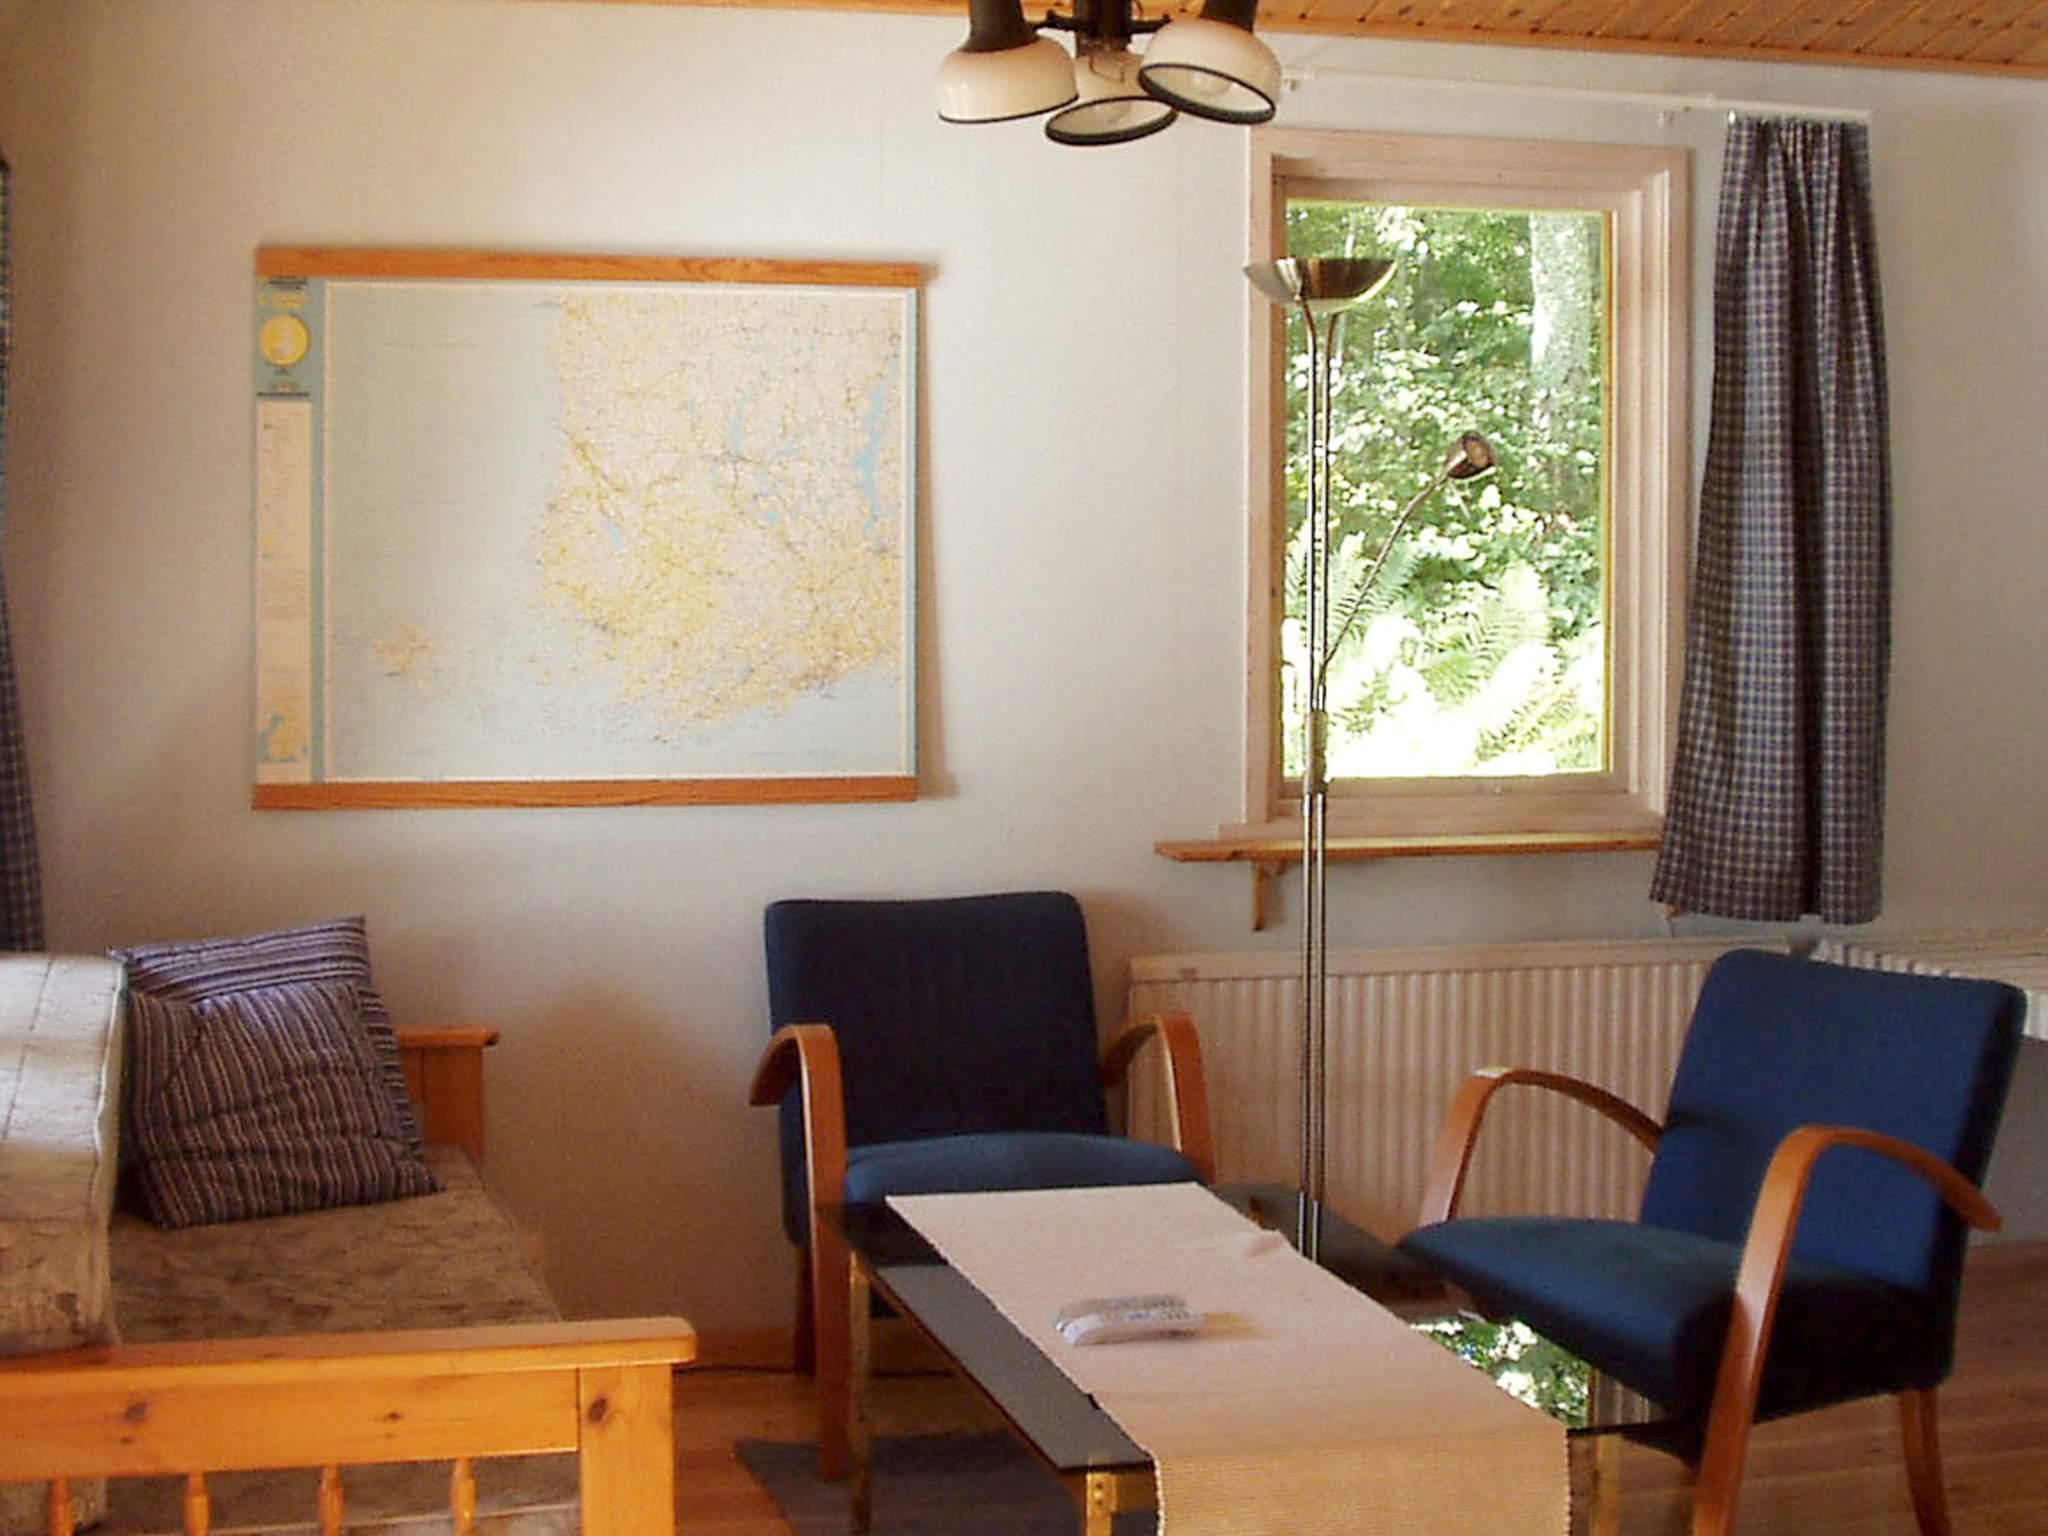 Ferienhaus Arboga (84362), Arboga, Västmanlands län, Mittelschweden, Schweden, Bild 3